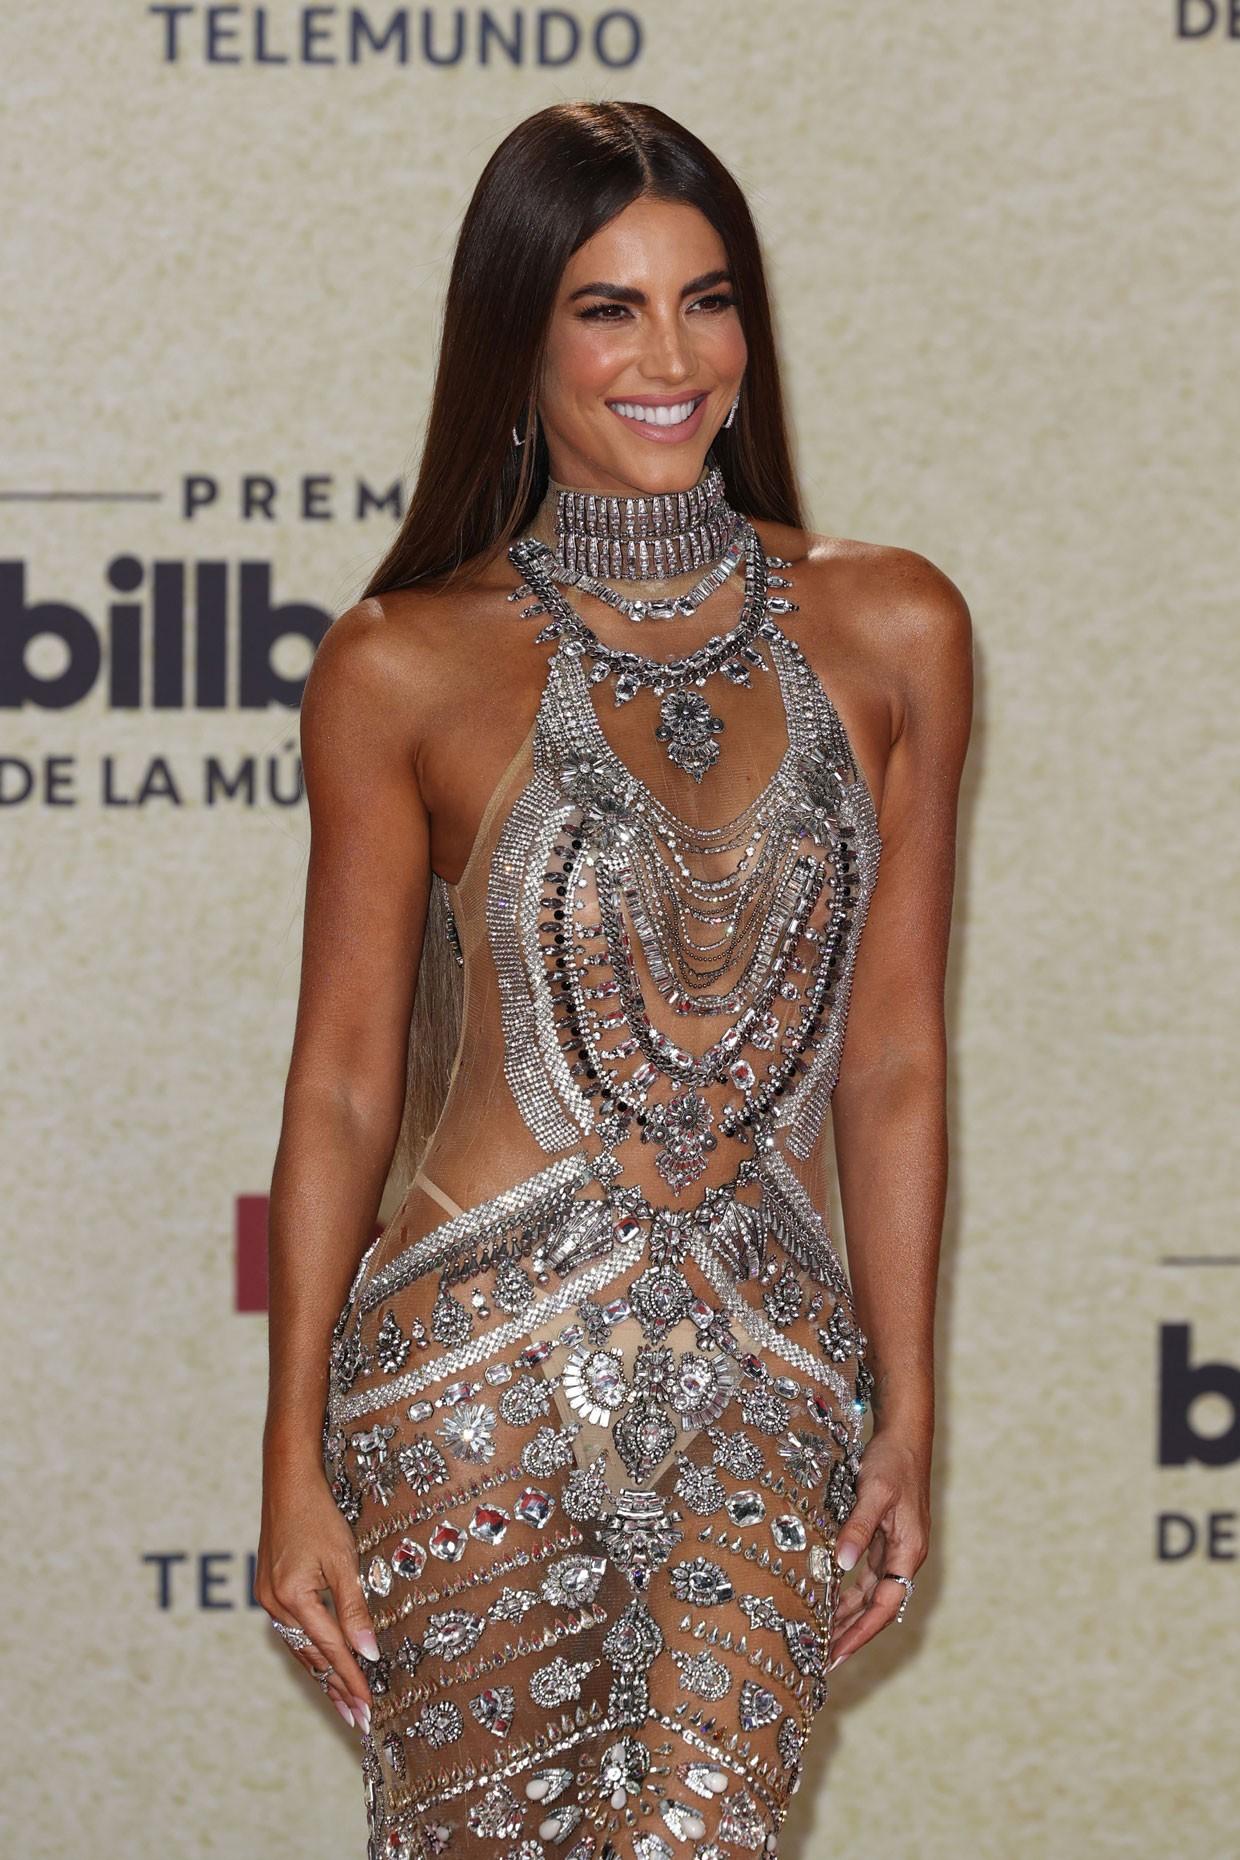 Gaby Espino premios billboard de la musica latina 2021